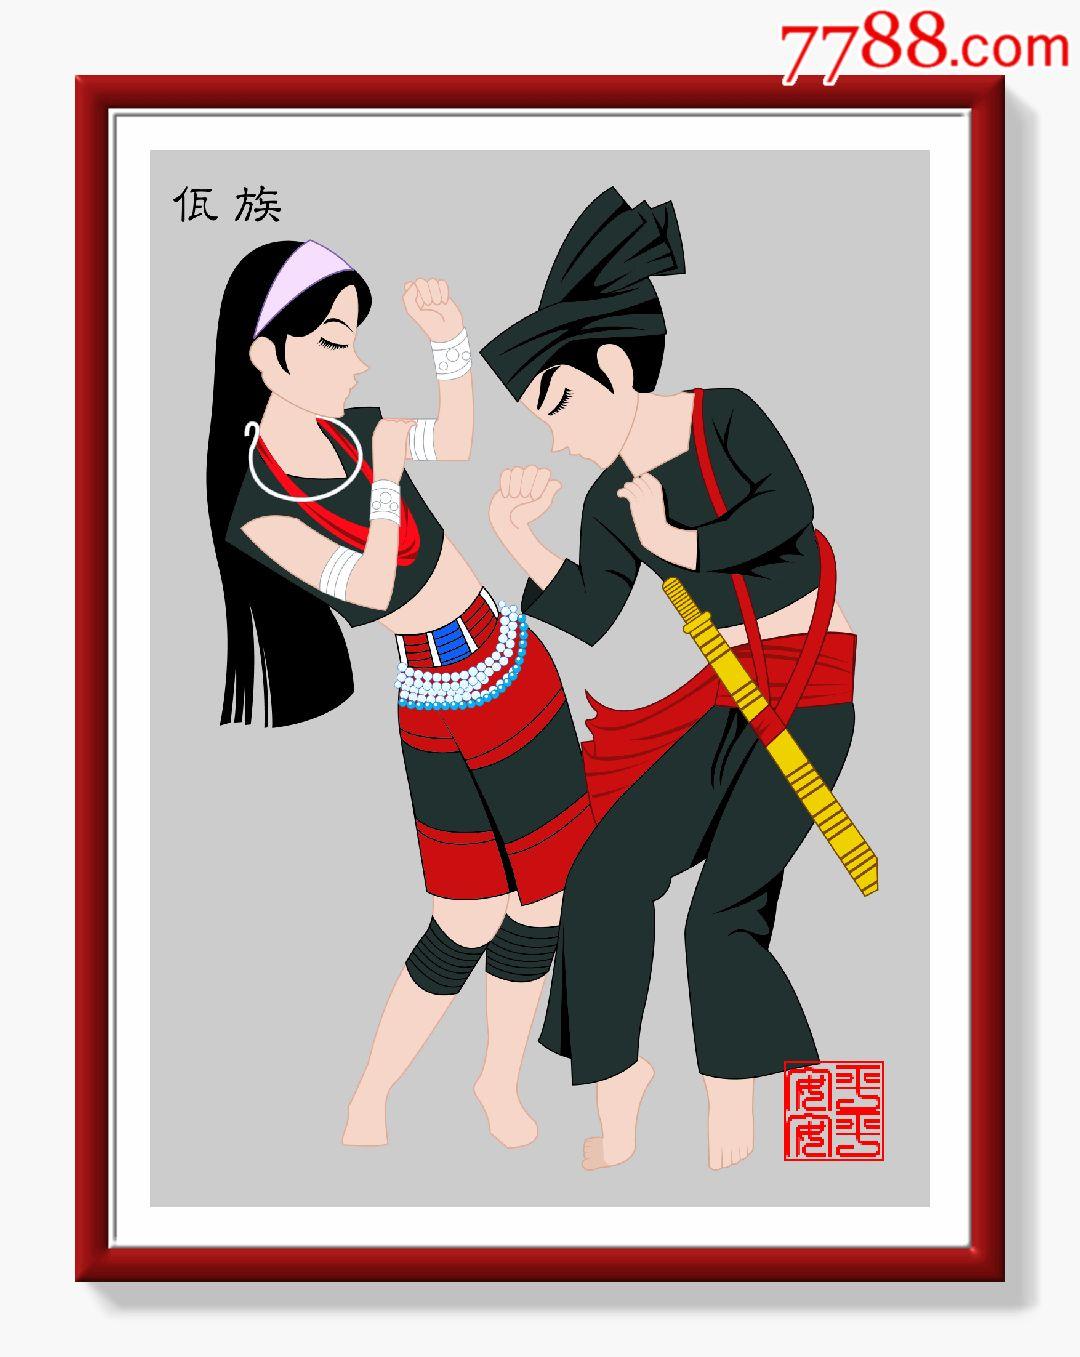 佤族风俗文化 素材